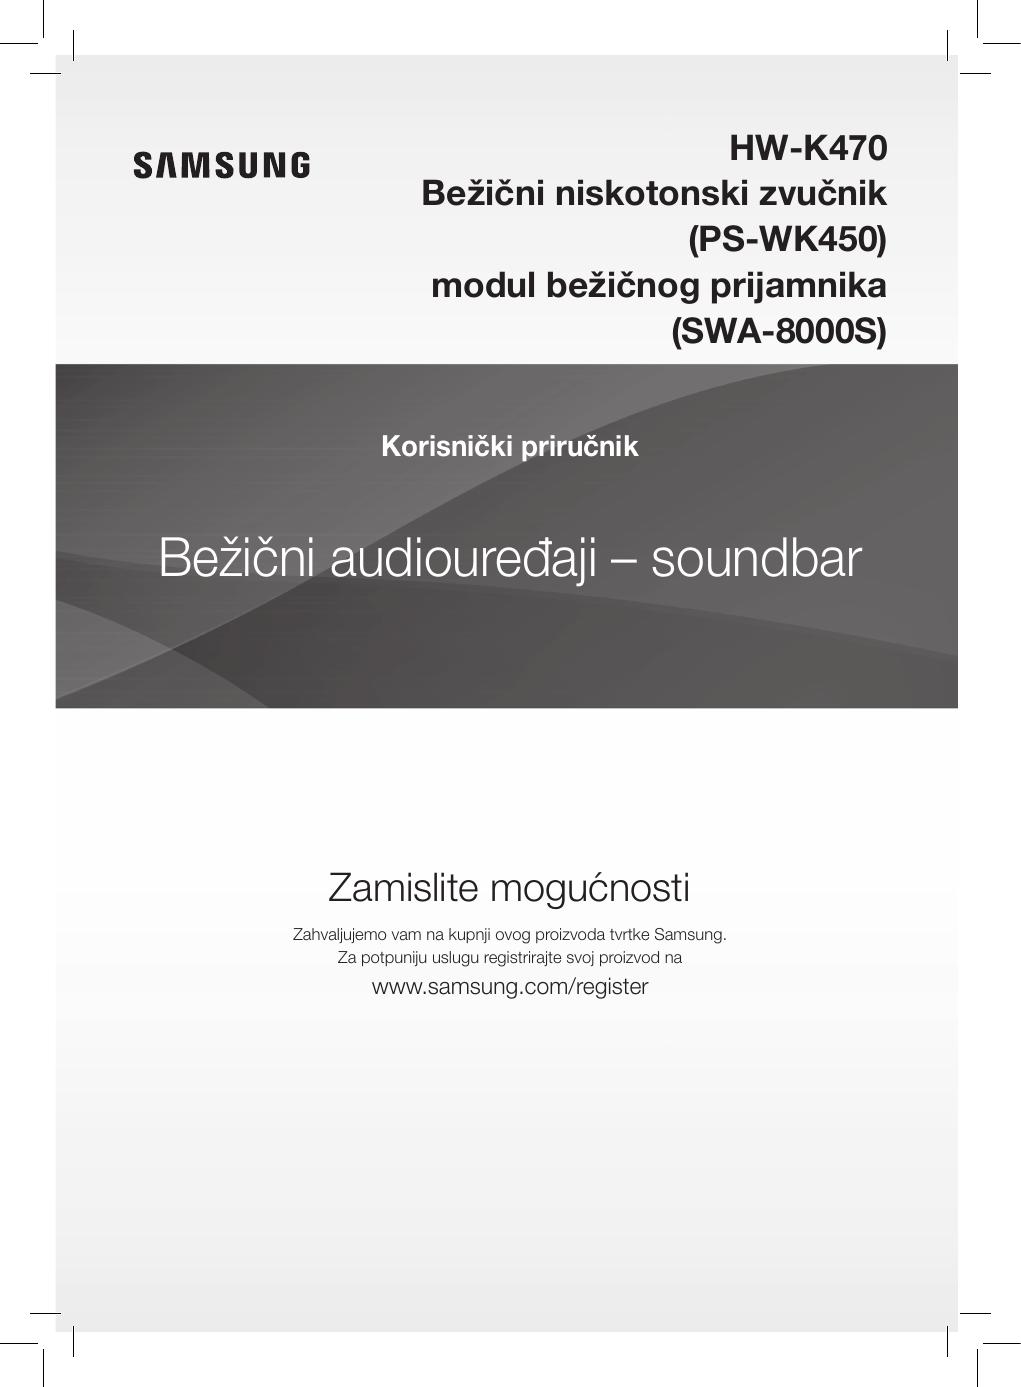 Možete li spojiti niskotonske zvučnike bez pojačala